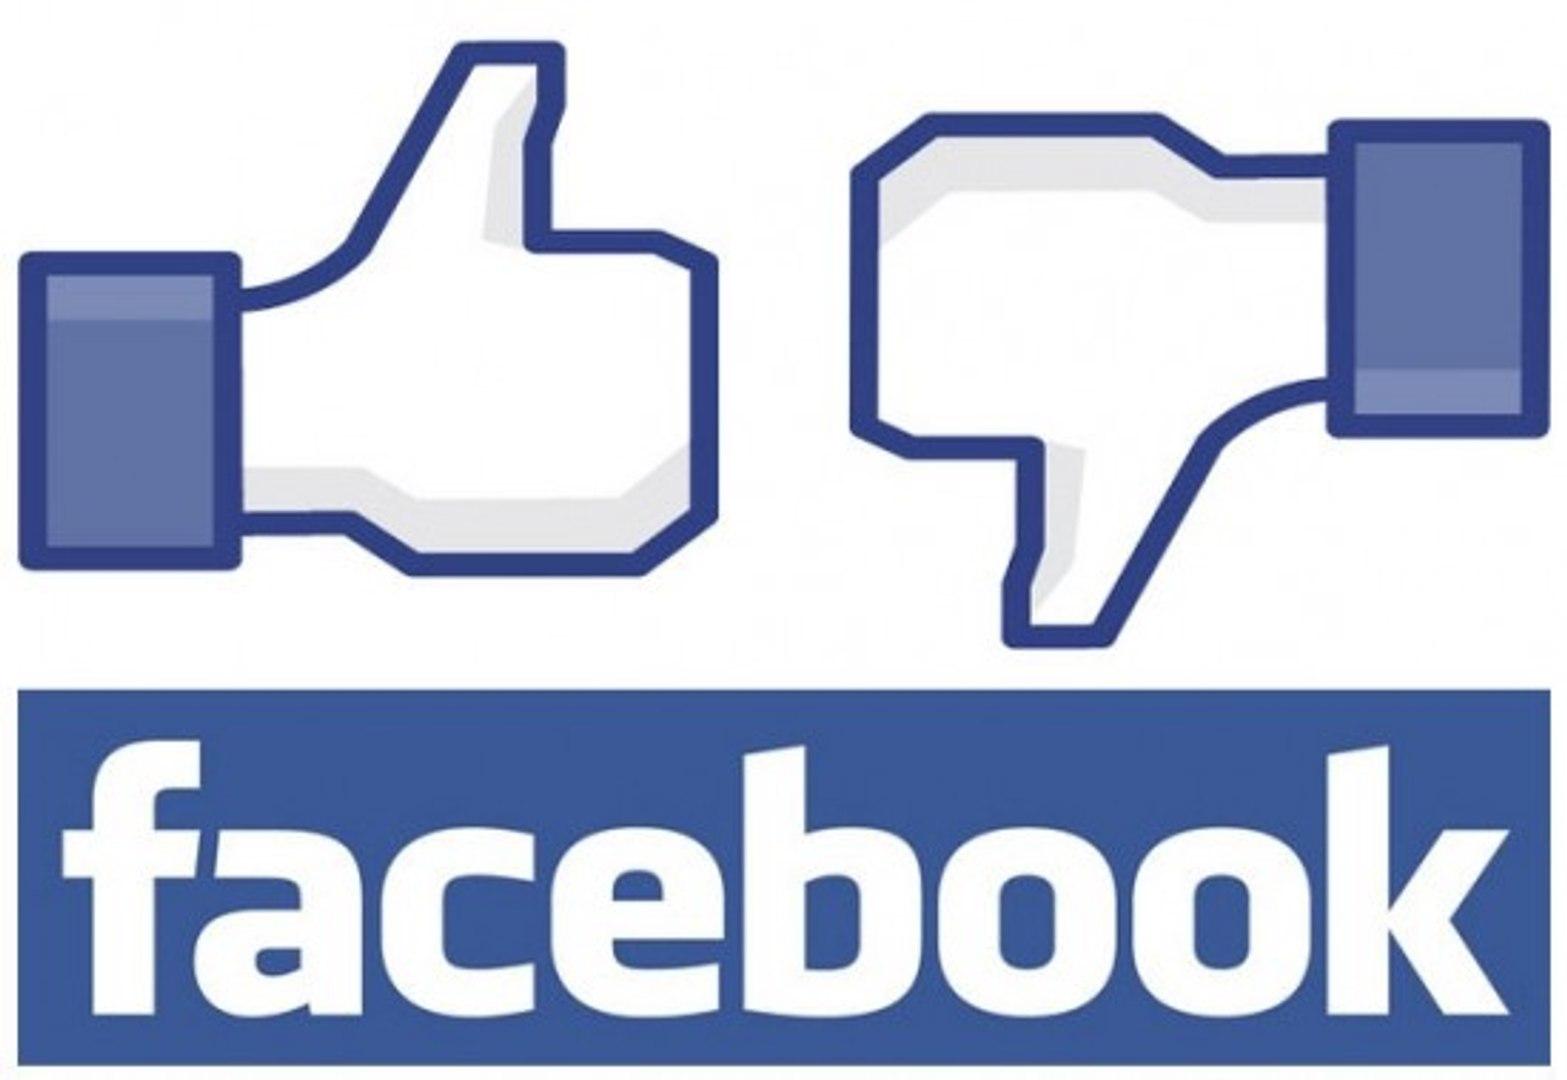 Facebook fa male alla salute mentale? Facebook ammette: l'uso passivo fa male alla salute menta